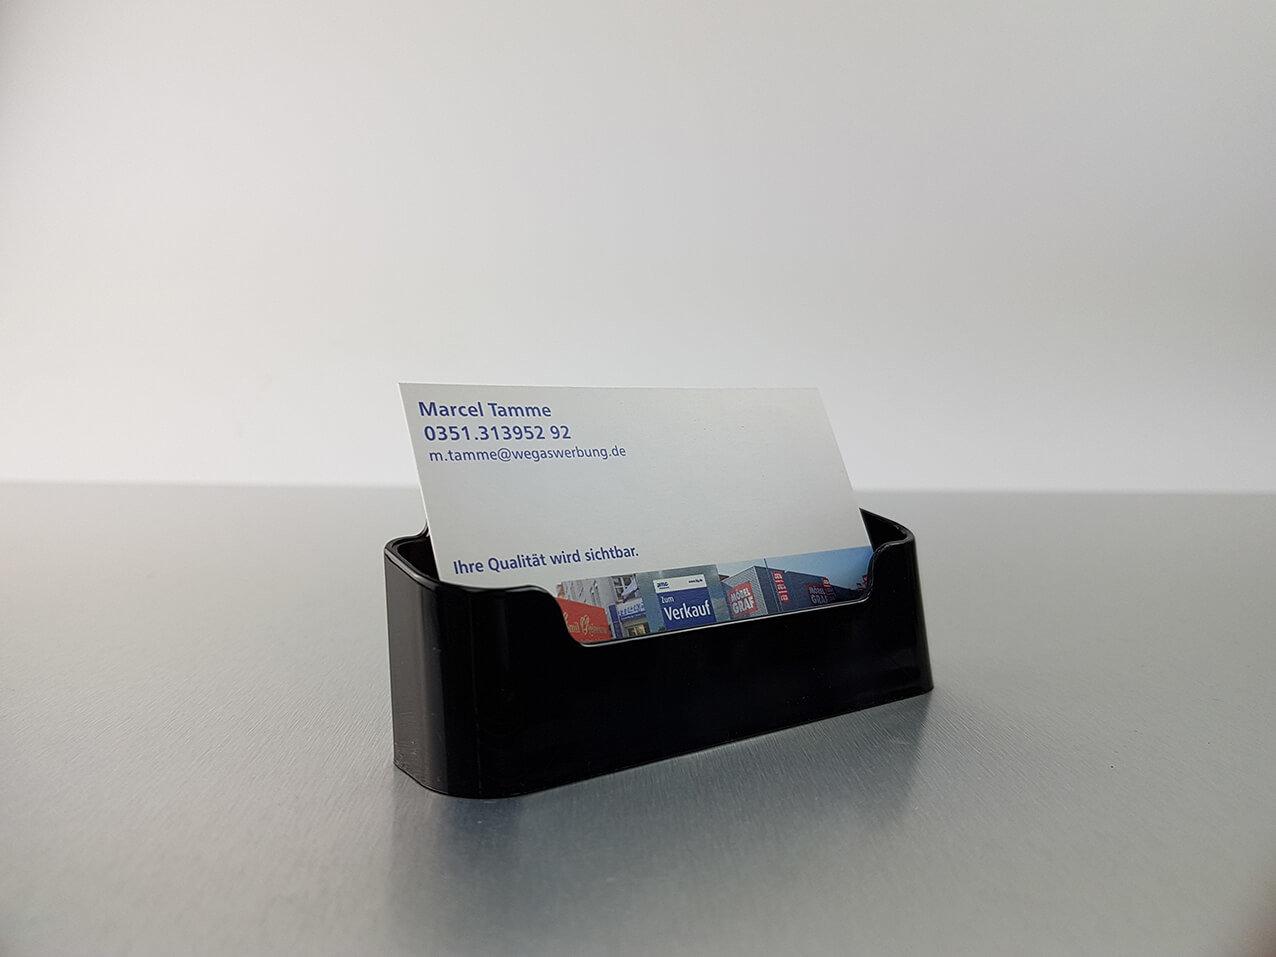 Visitenkartenhalter Acrylbox Tischaufsteller Wegaswerbung